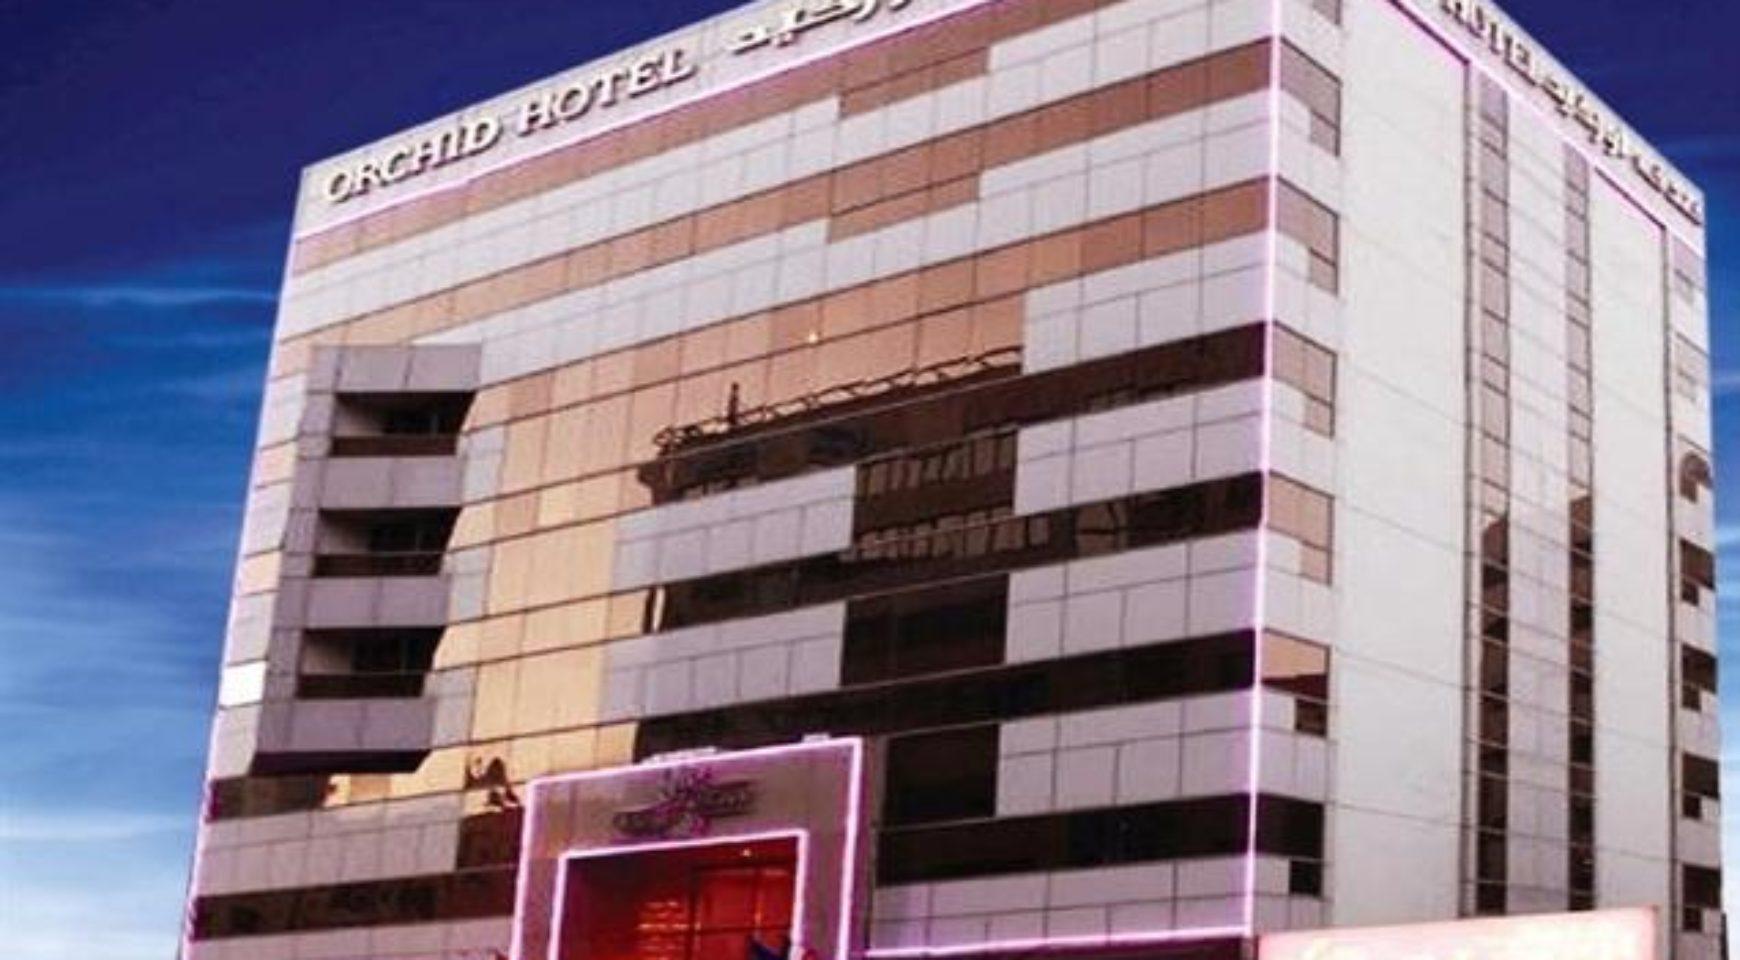 The orchid hotel дубай кипр жилье купить